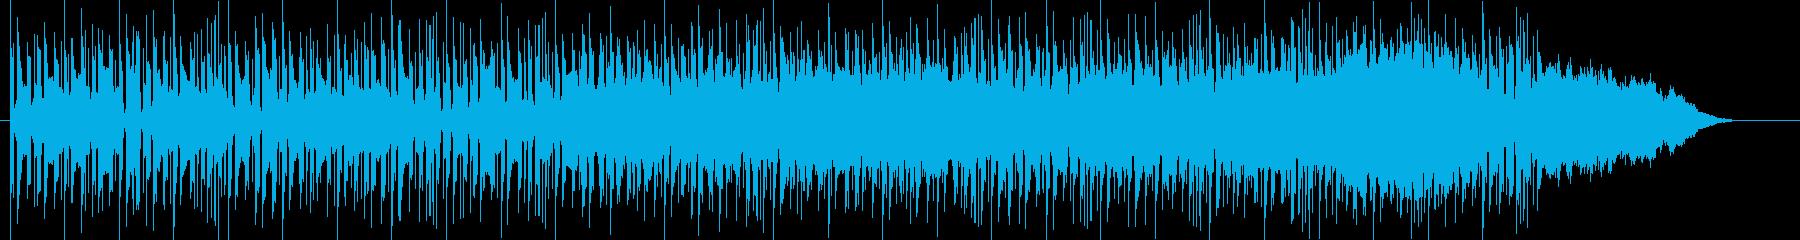 働く人応援ソング(インスト)の再生済みの波形